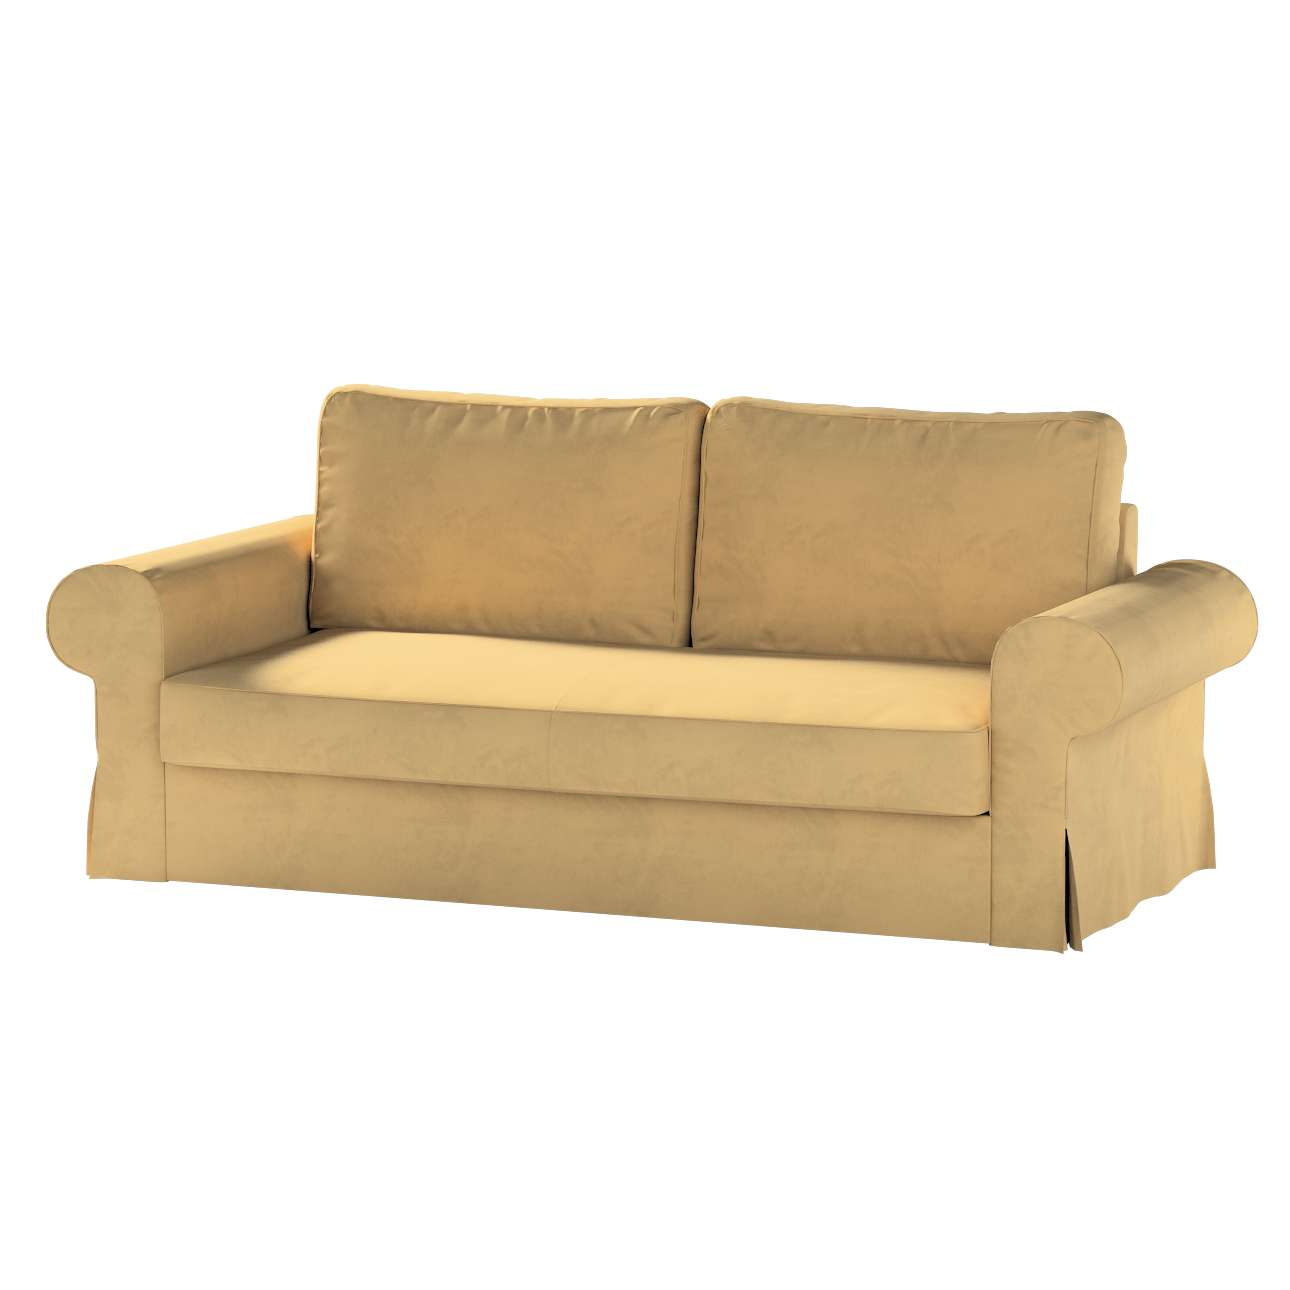 Pokrowiec na sofę Backabro 3-osobową rozkładaną w kolekcji Living II, tkanina: 160-93